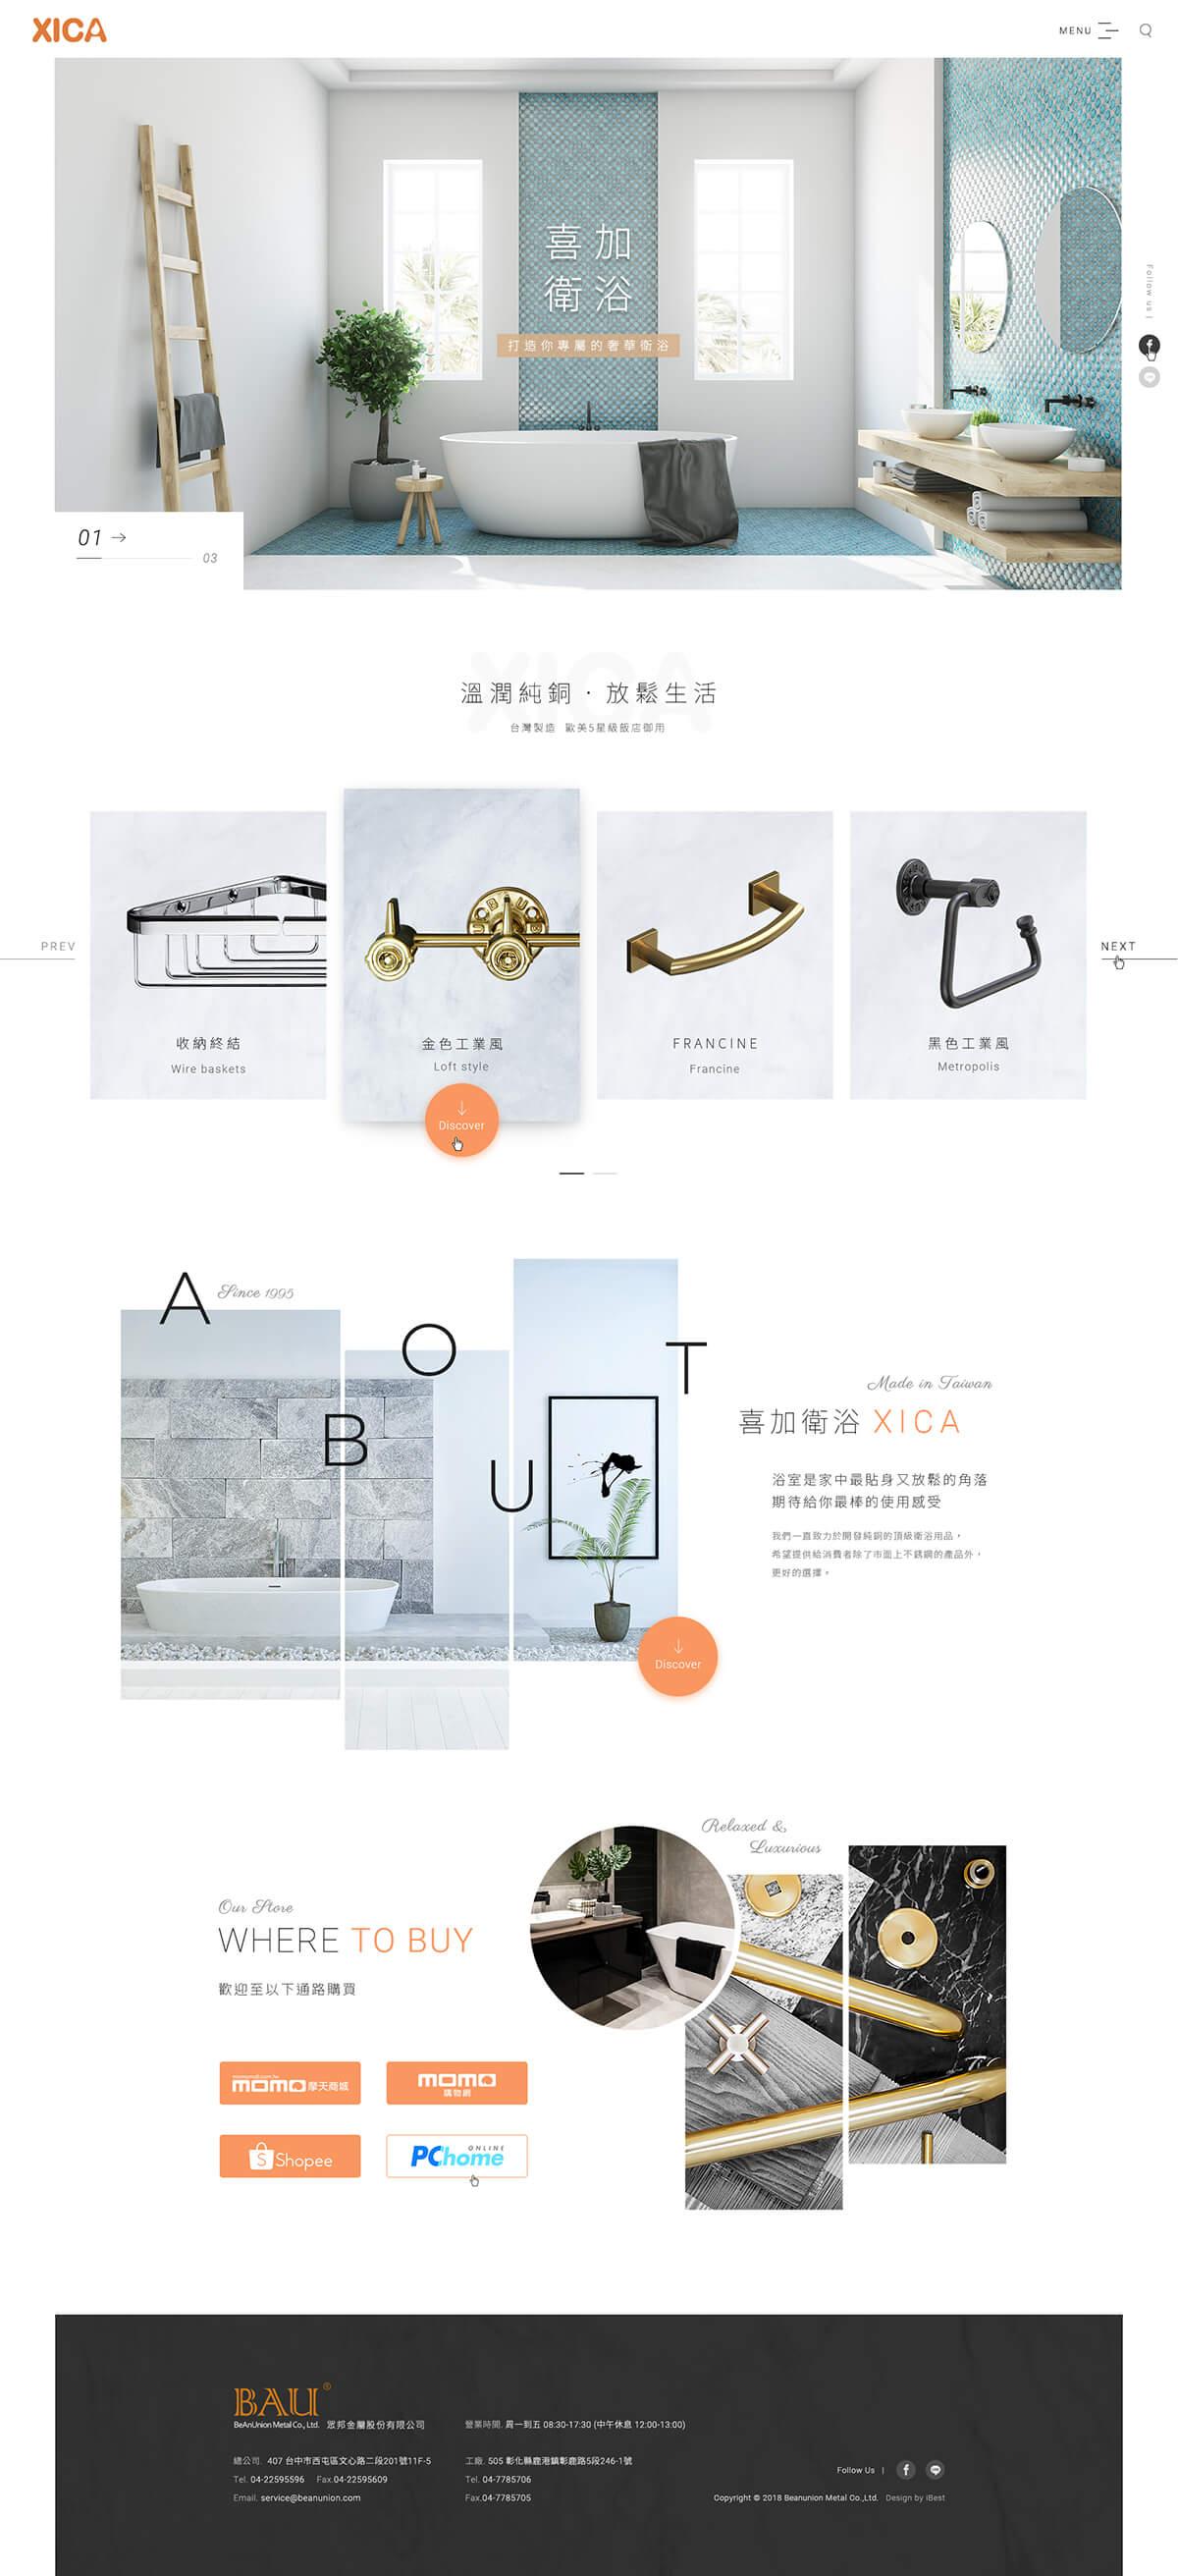 喜加衛浴-網頁設計